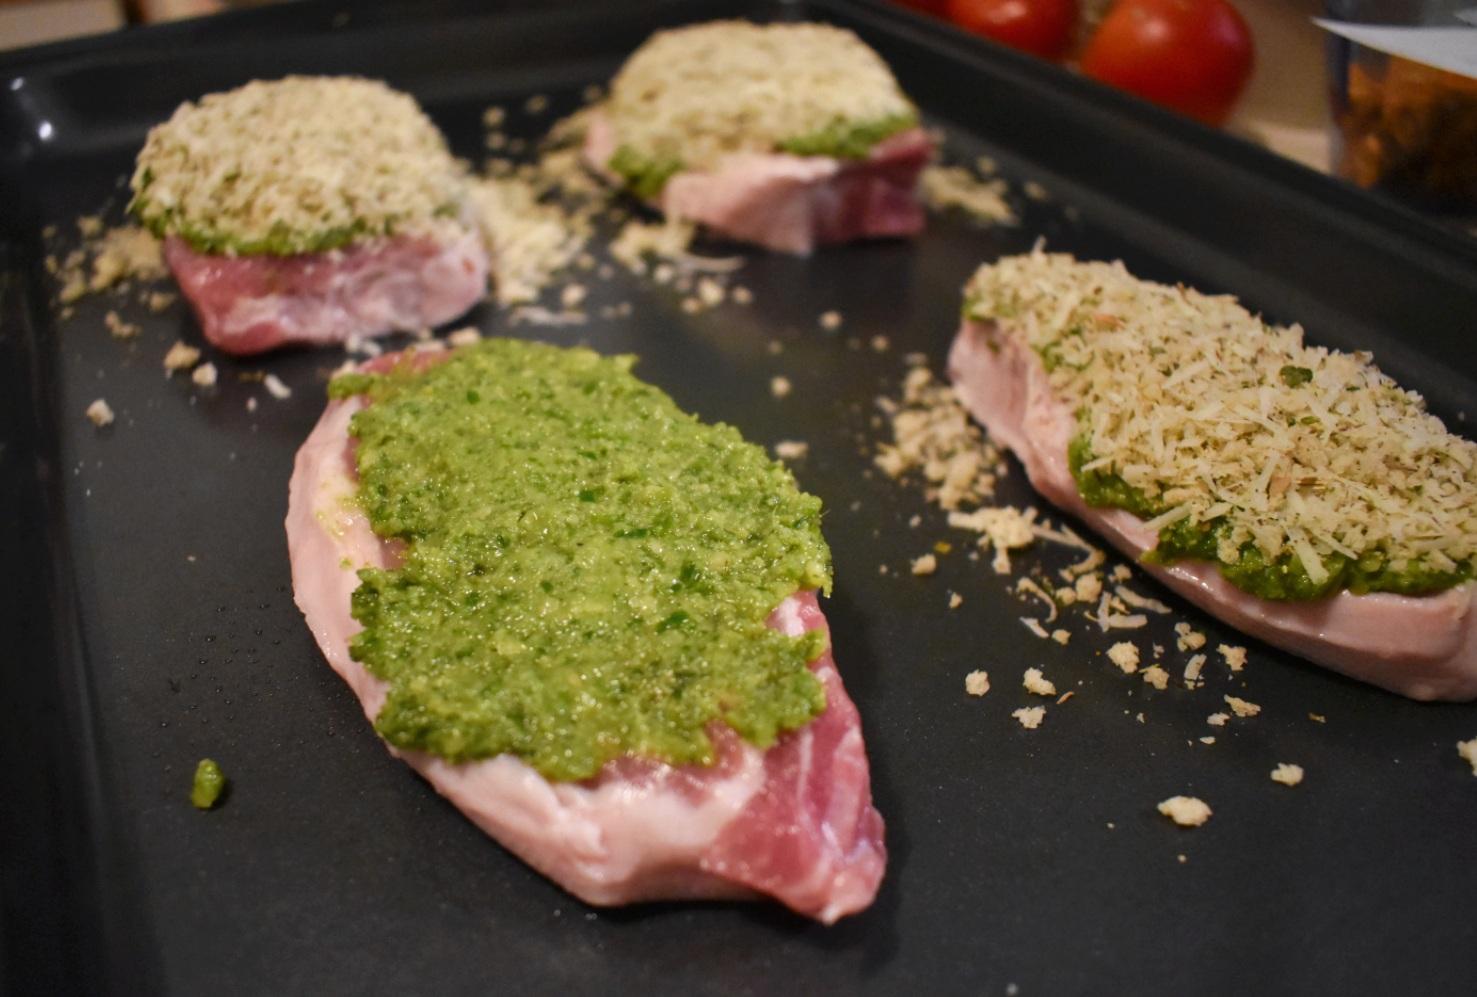 Côtelettes de porc croustillantes au pesto - Auboutdelalangue.com (3)